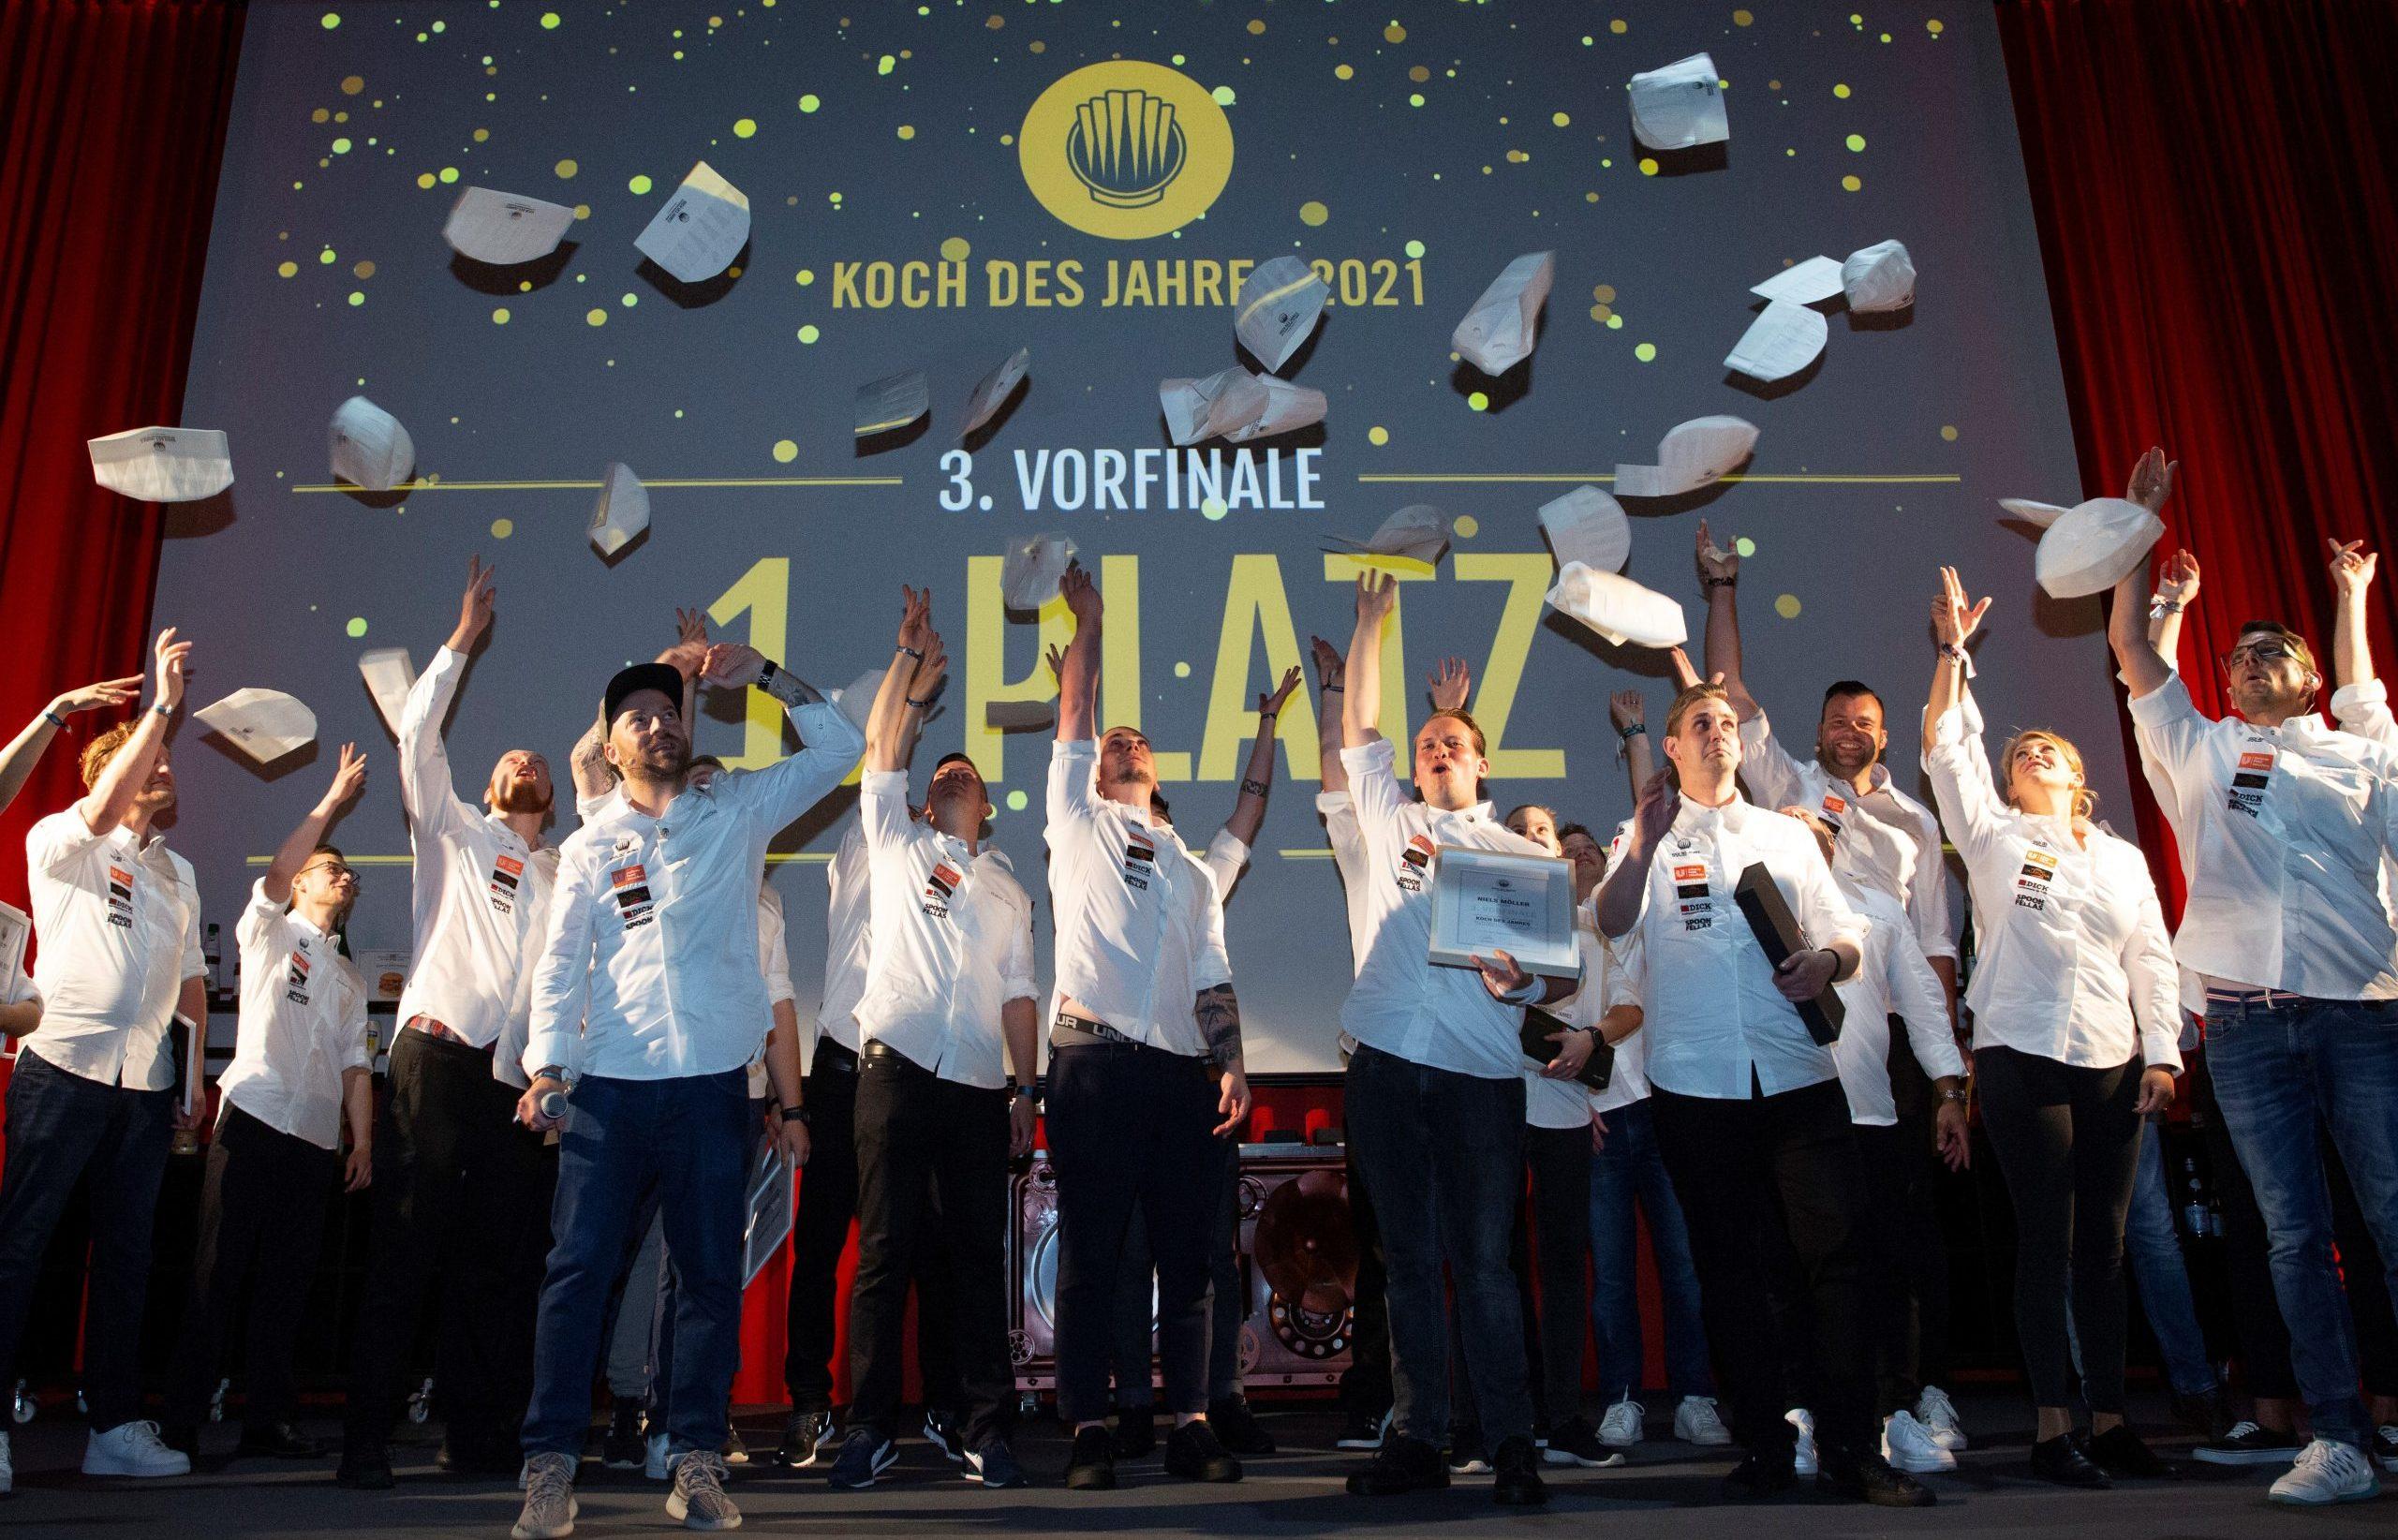 Der große Show-Down auf der Anuga in Köln – Wer wird Koch des Jahres 2021?